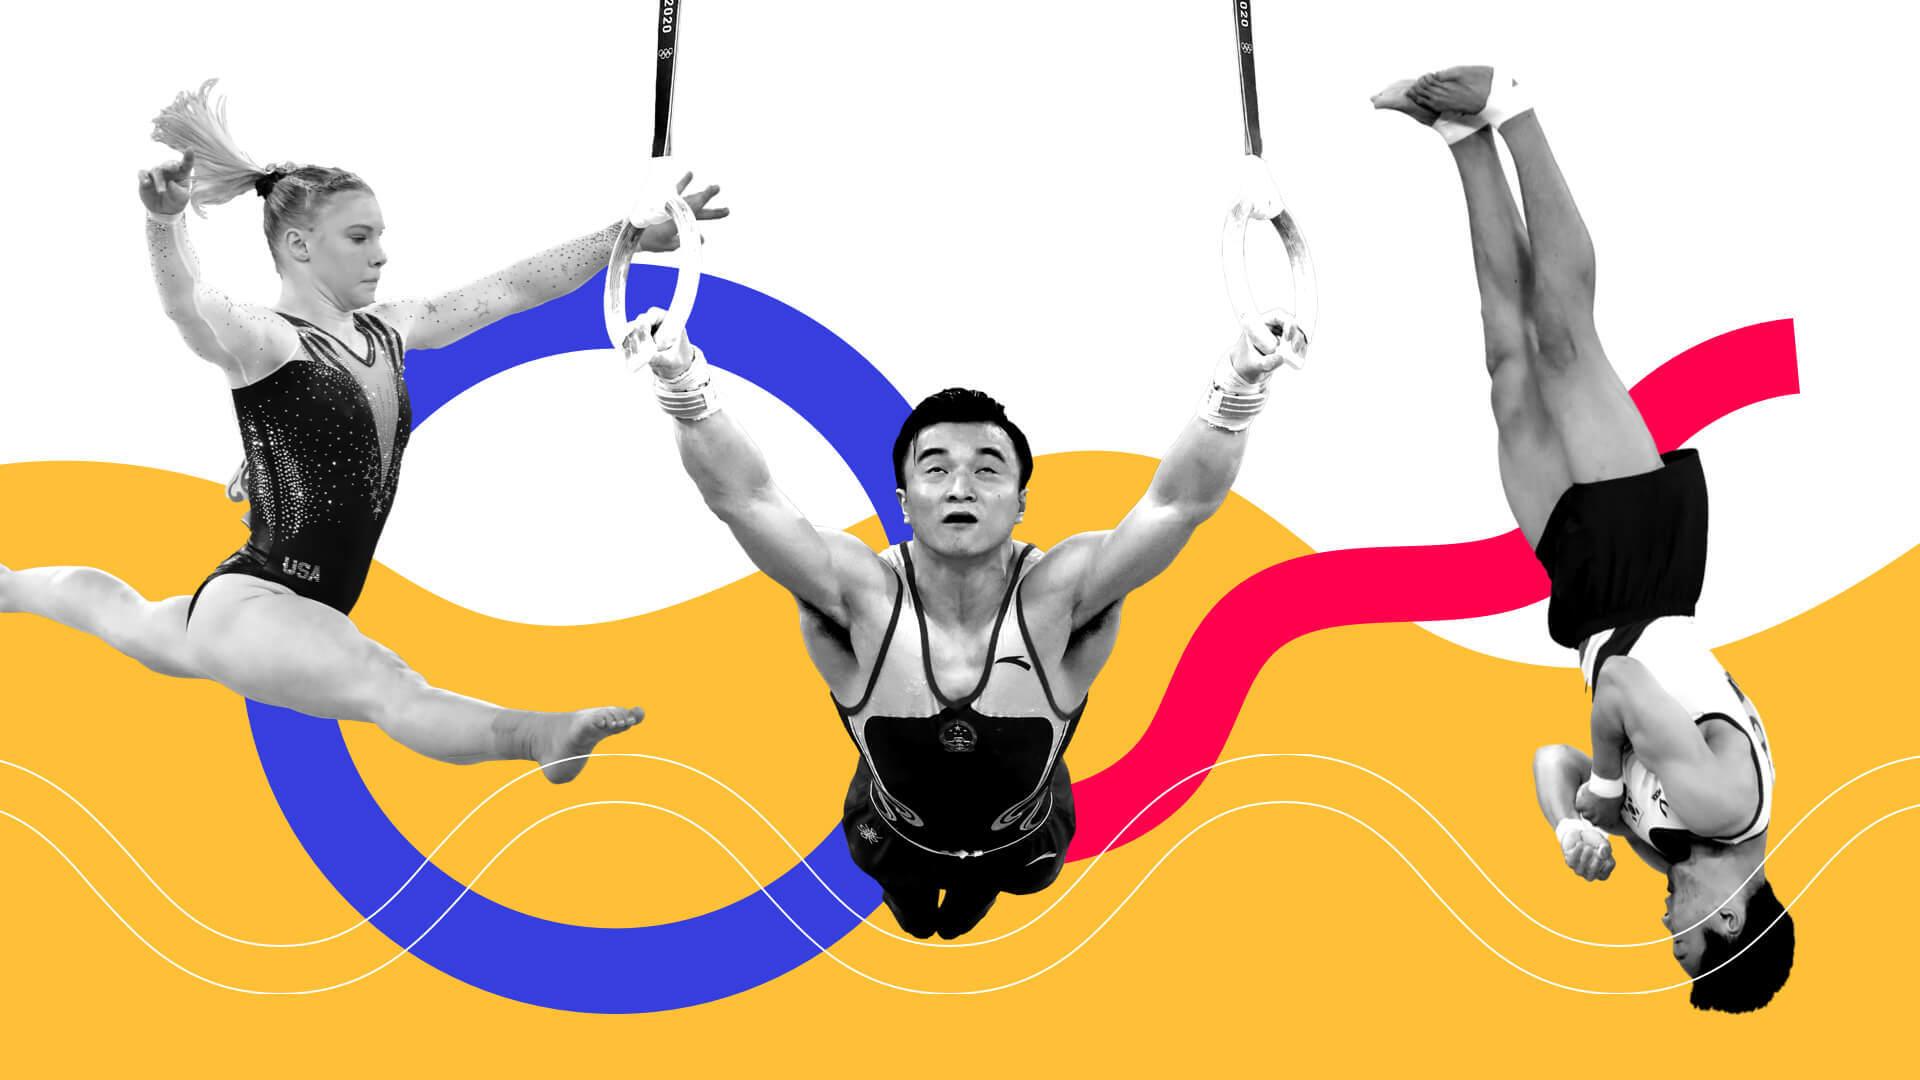 El arte de la gimnasia